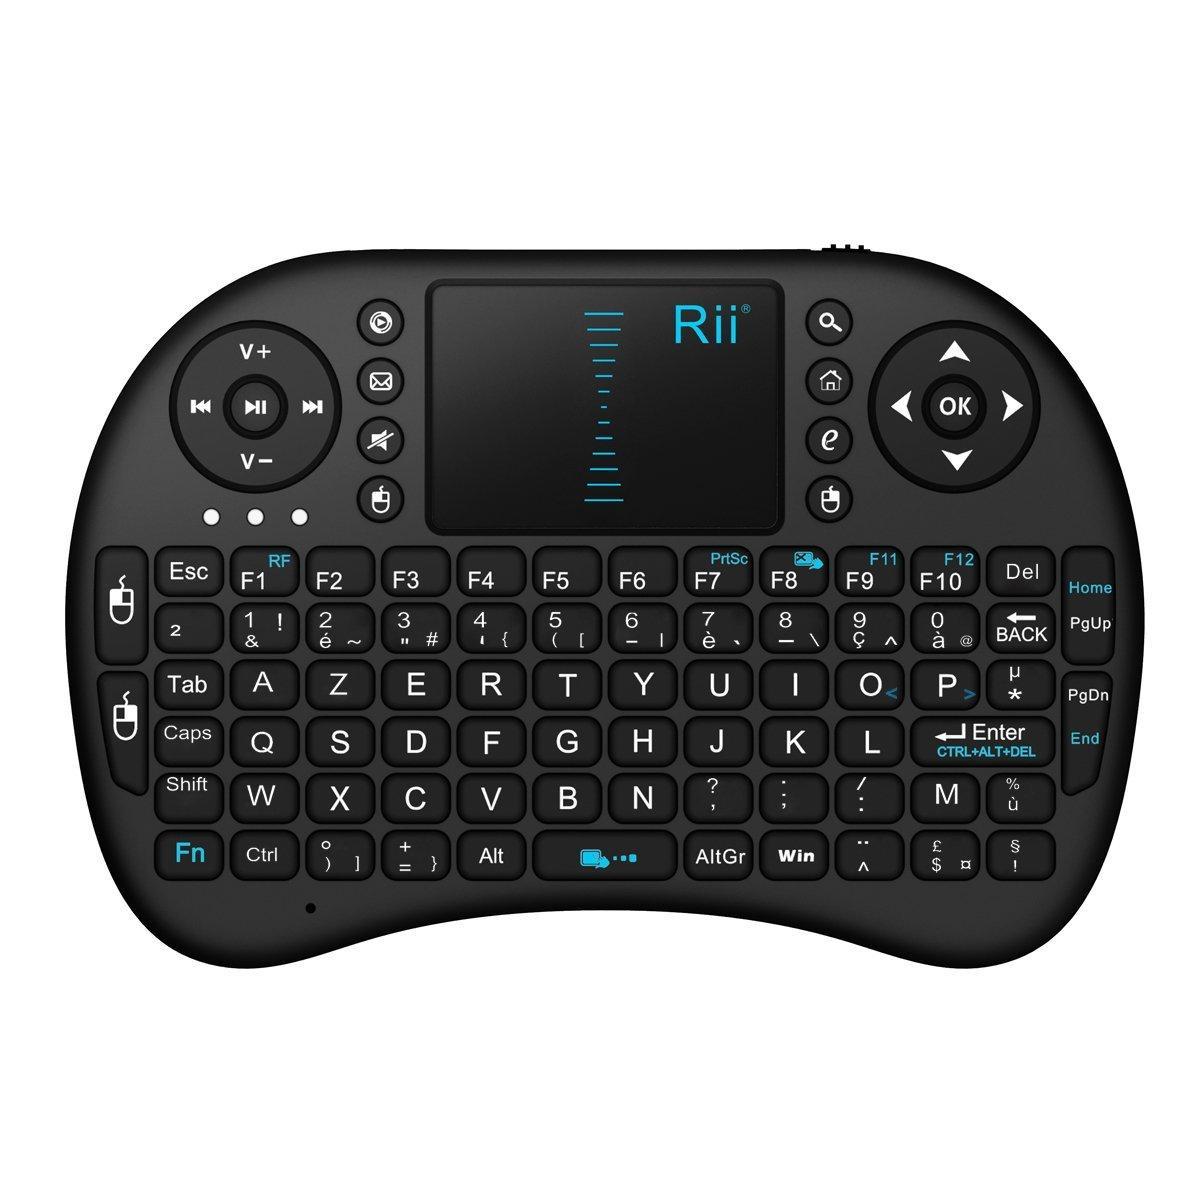 Mini Clavier Rii Mini i8 Wireless (AZERTY) - pour Smart TV, mini PC...